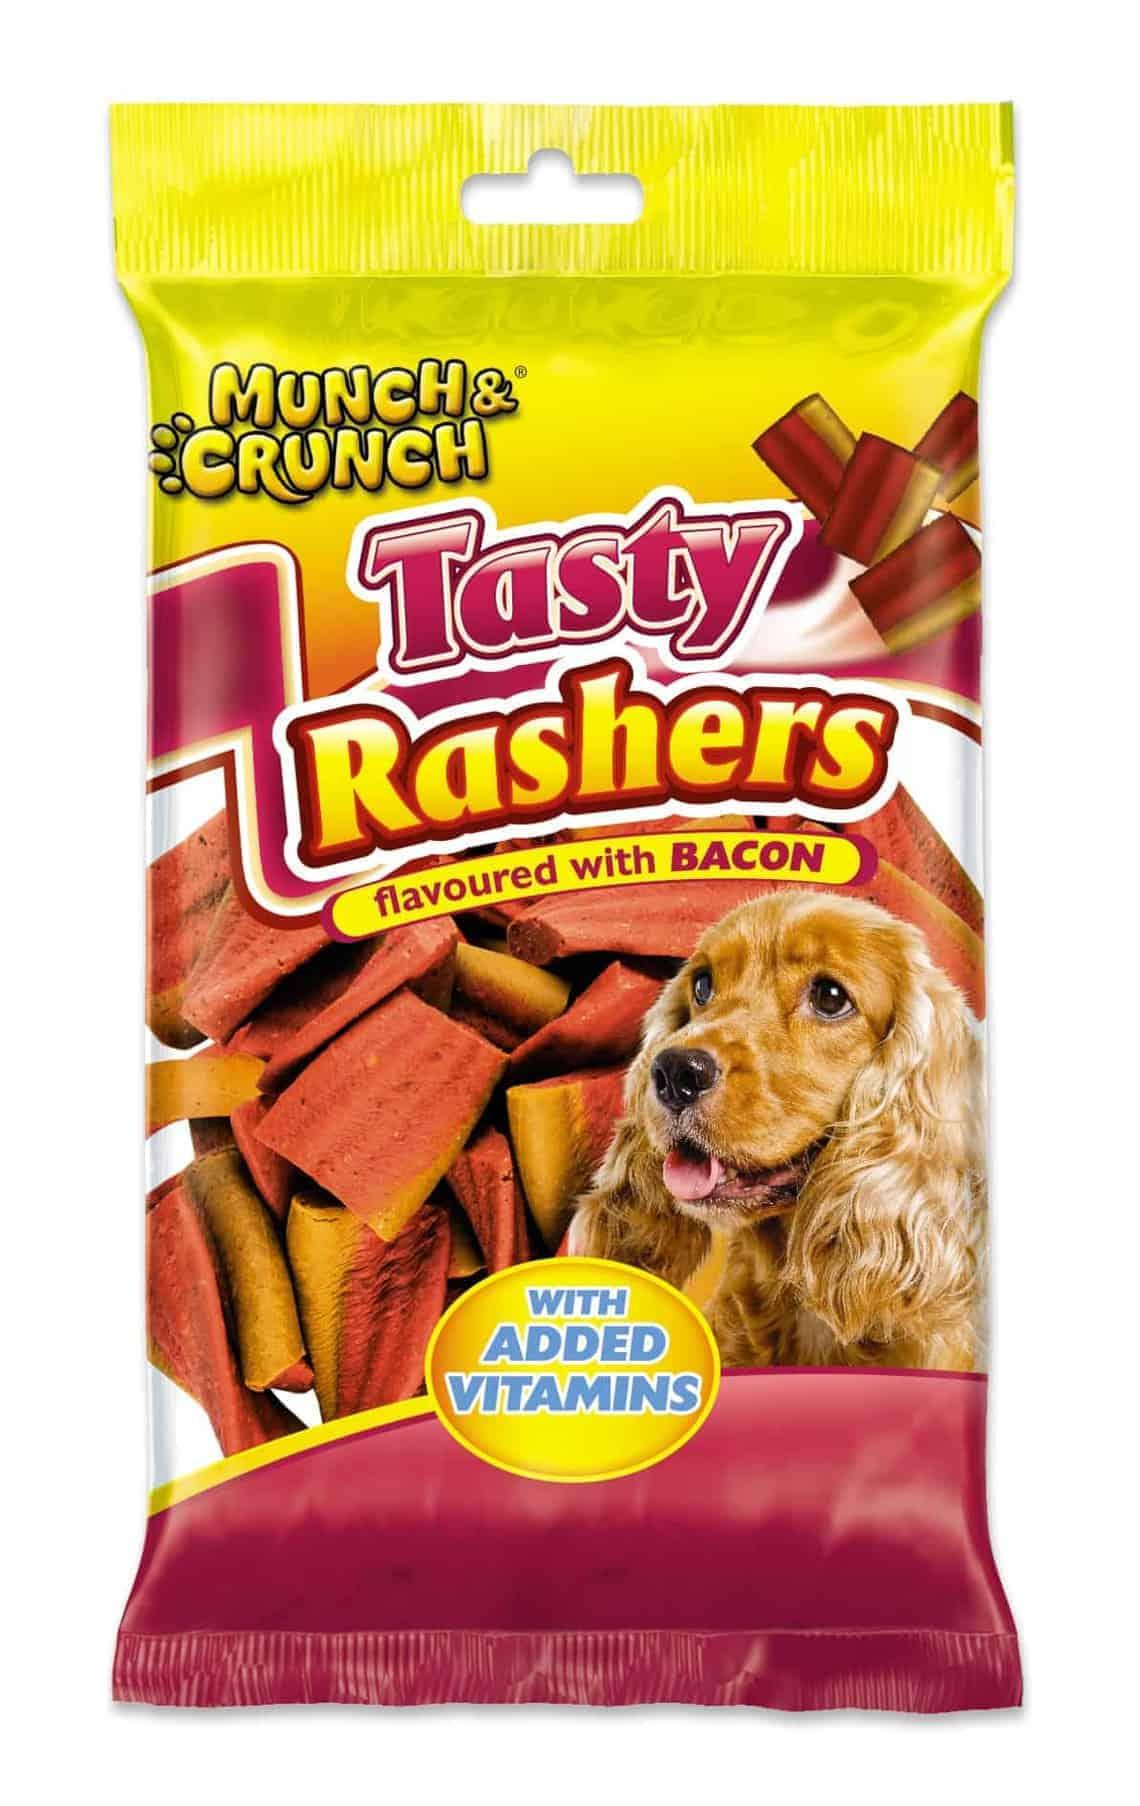 Munch Crunch Tasty Rashers